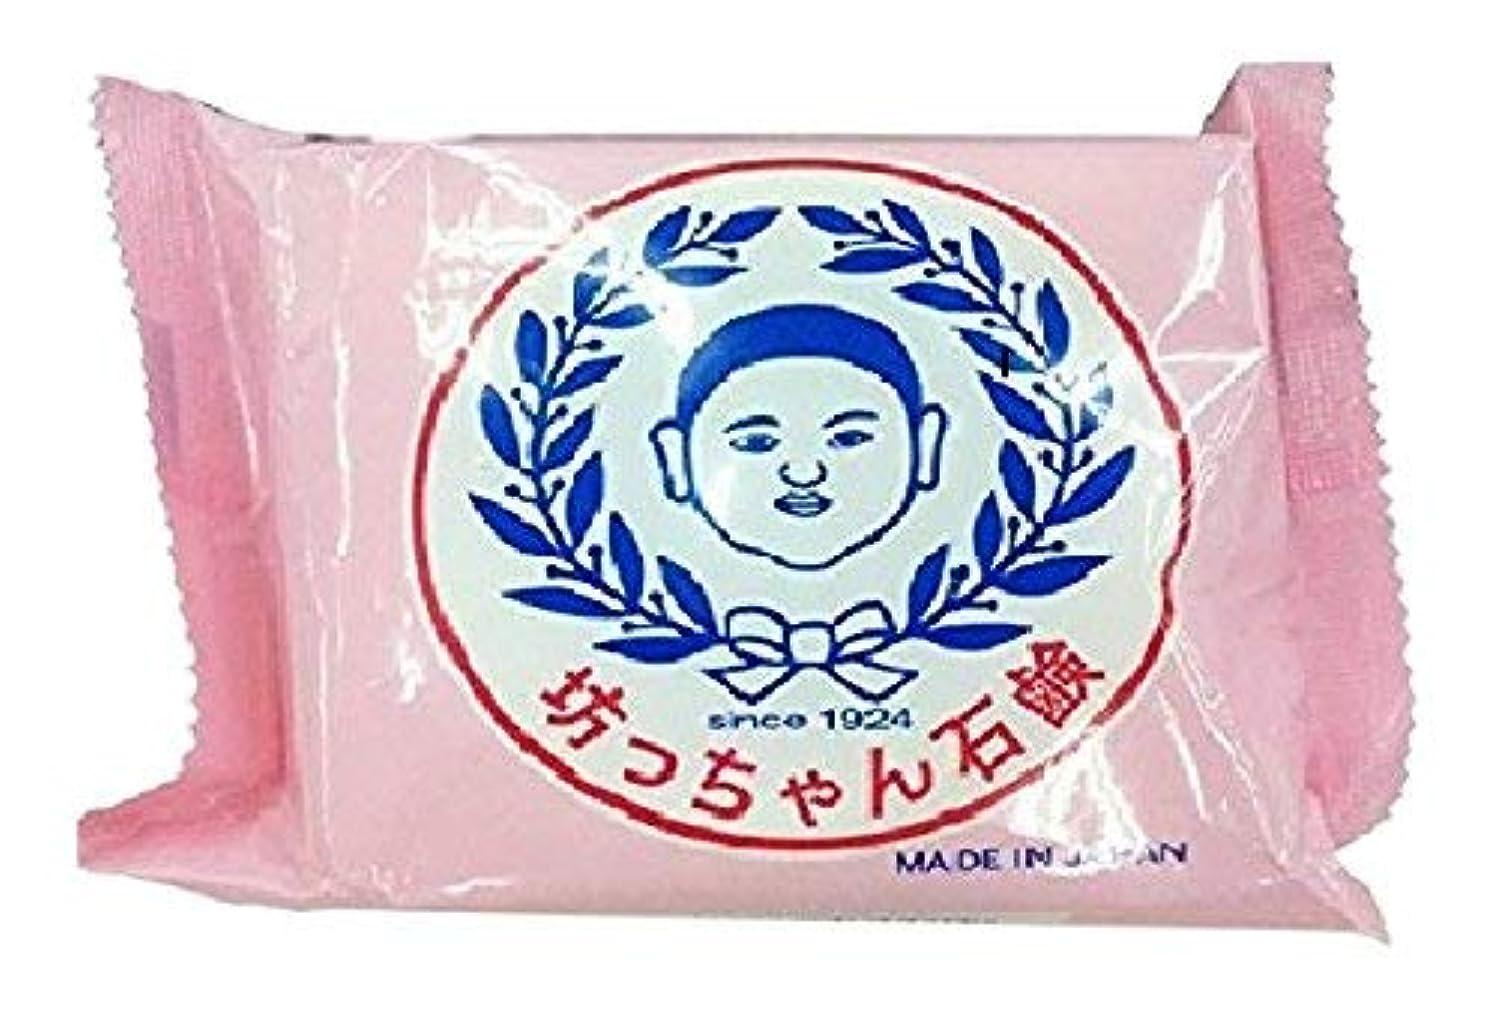 絡まる神社癌【まとめ買い】坊っちゃん石鹸 釜出し一番 175g ×6個